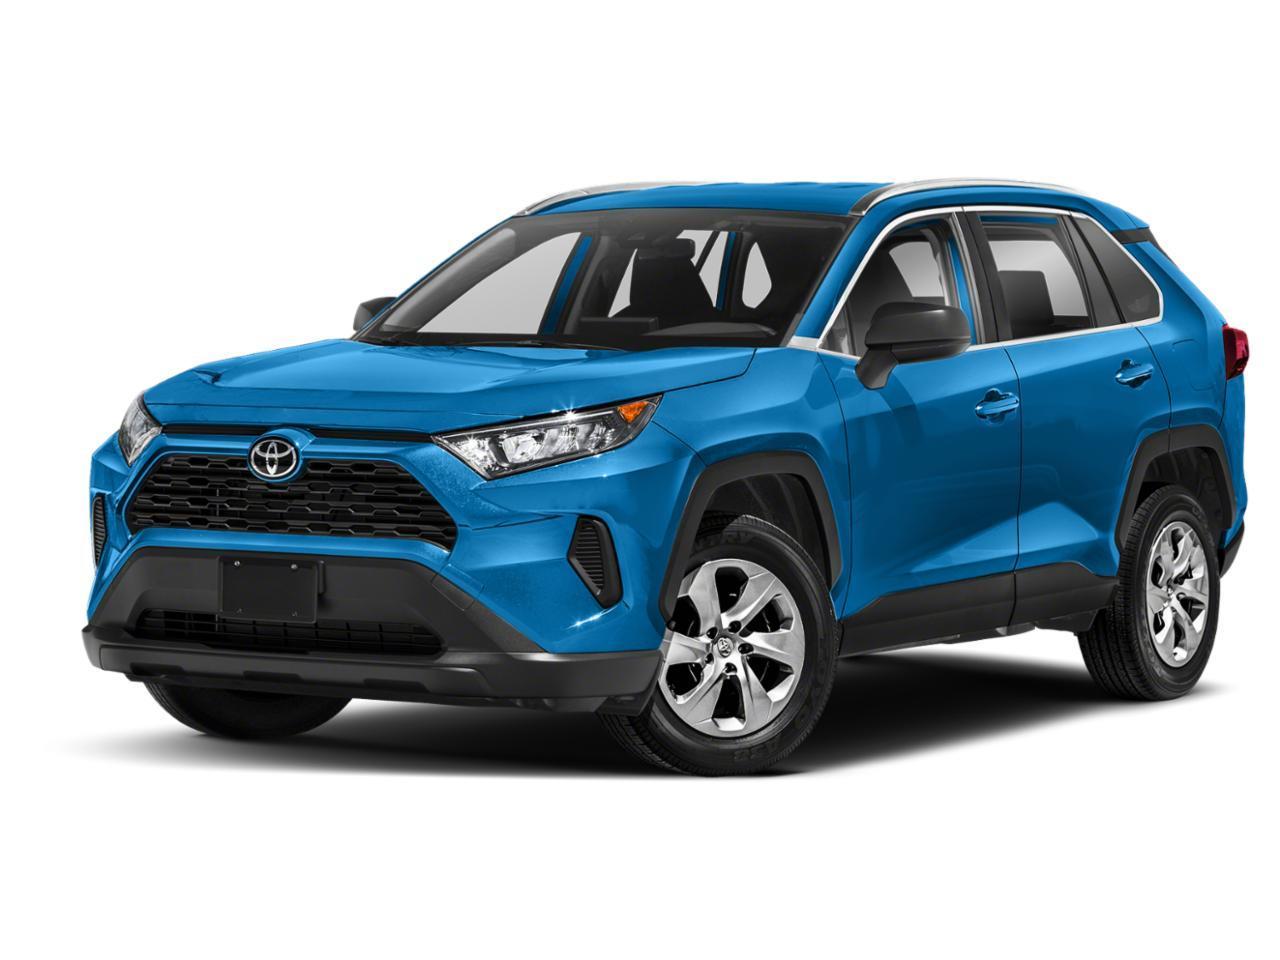 2021 Toyota RAV4 Vehicle Photo in Oshkosh, WI 54904